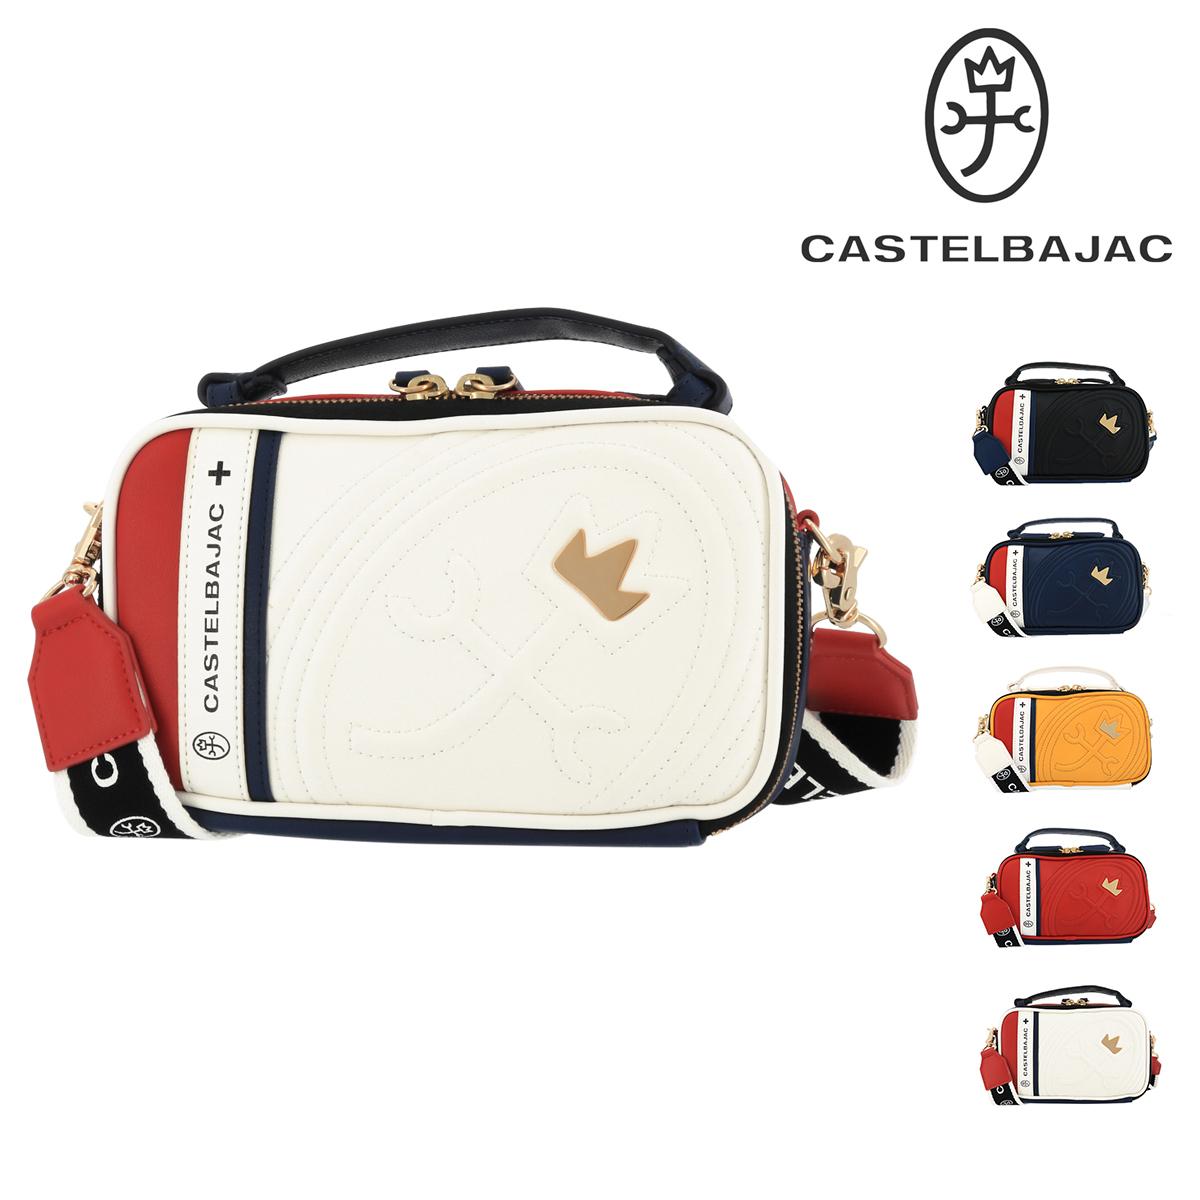 カステルバジャック ショルダーバッグ ペリエ メンズ 25111 CASTELBAJAC | 斜めがけ ミニショルダー [PO10]